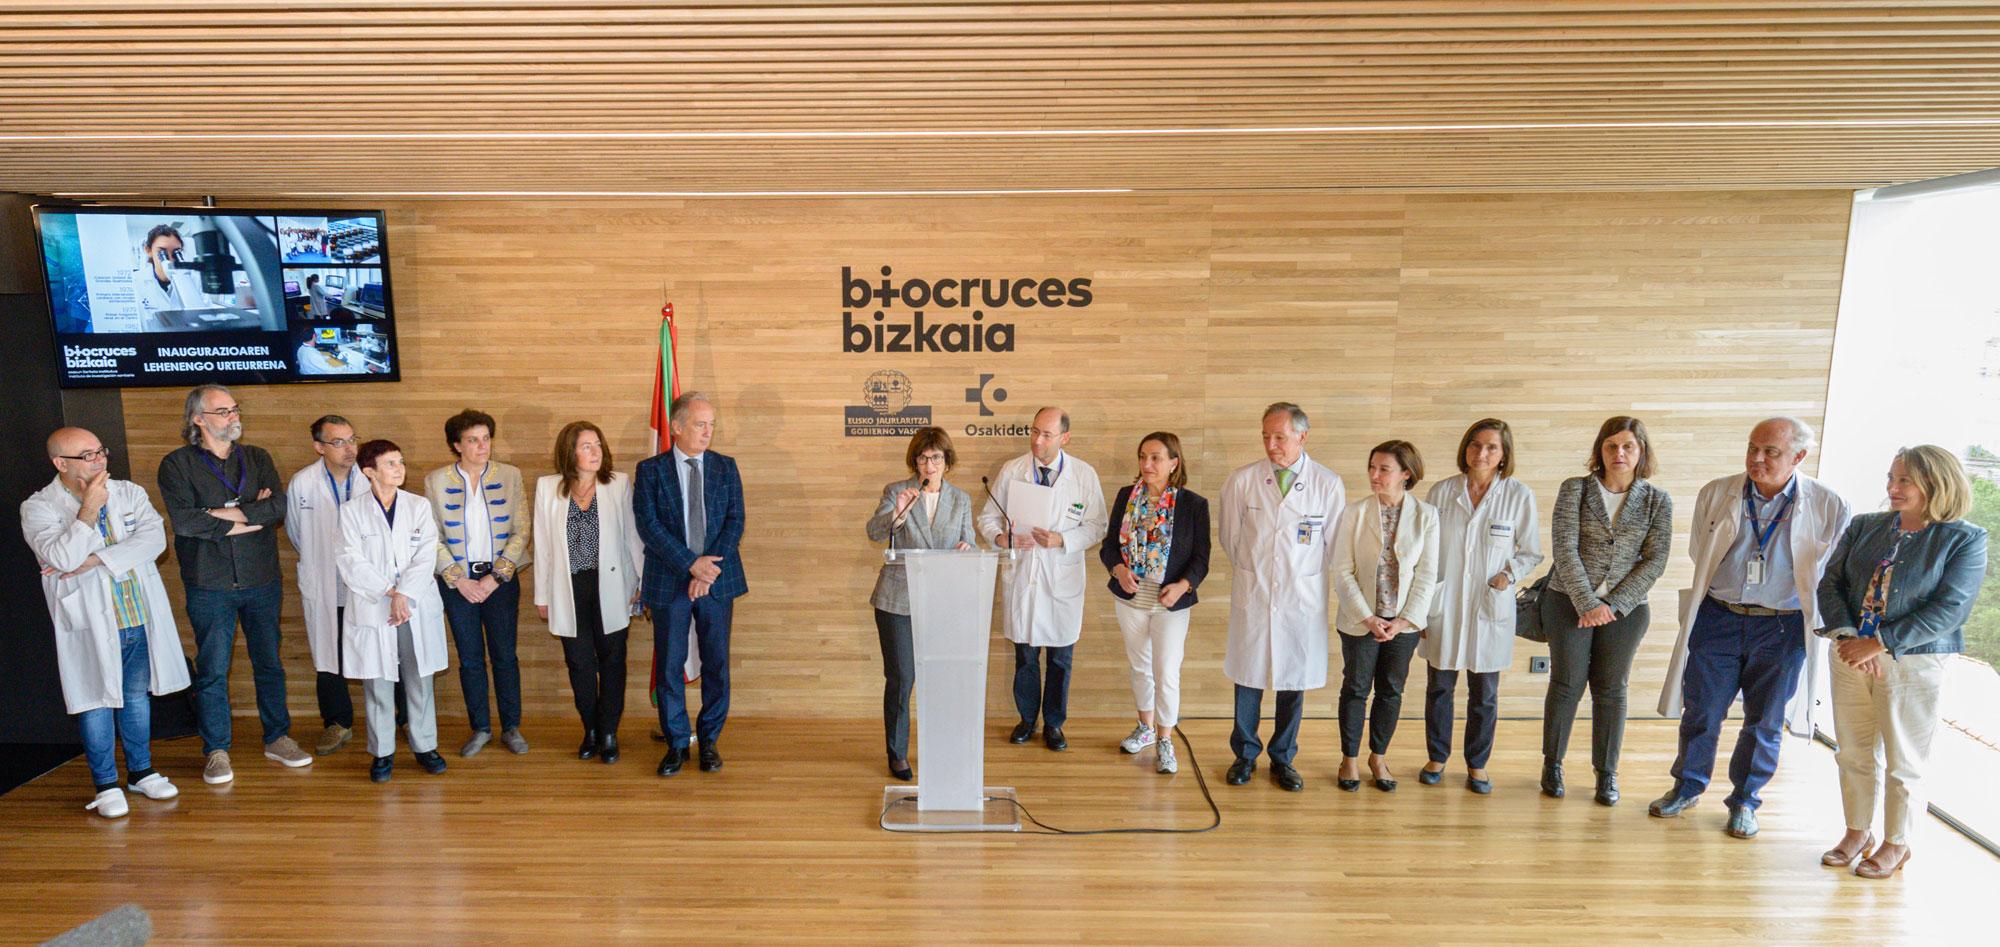 Biocruces-_-Bizkaia-urteurrena2.jpg